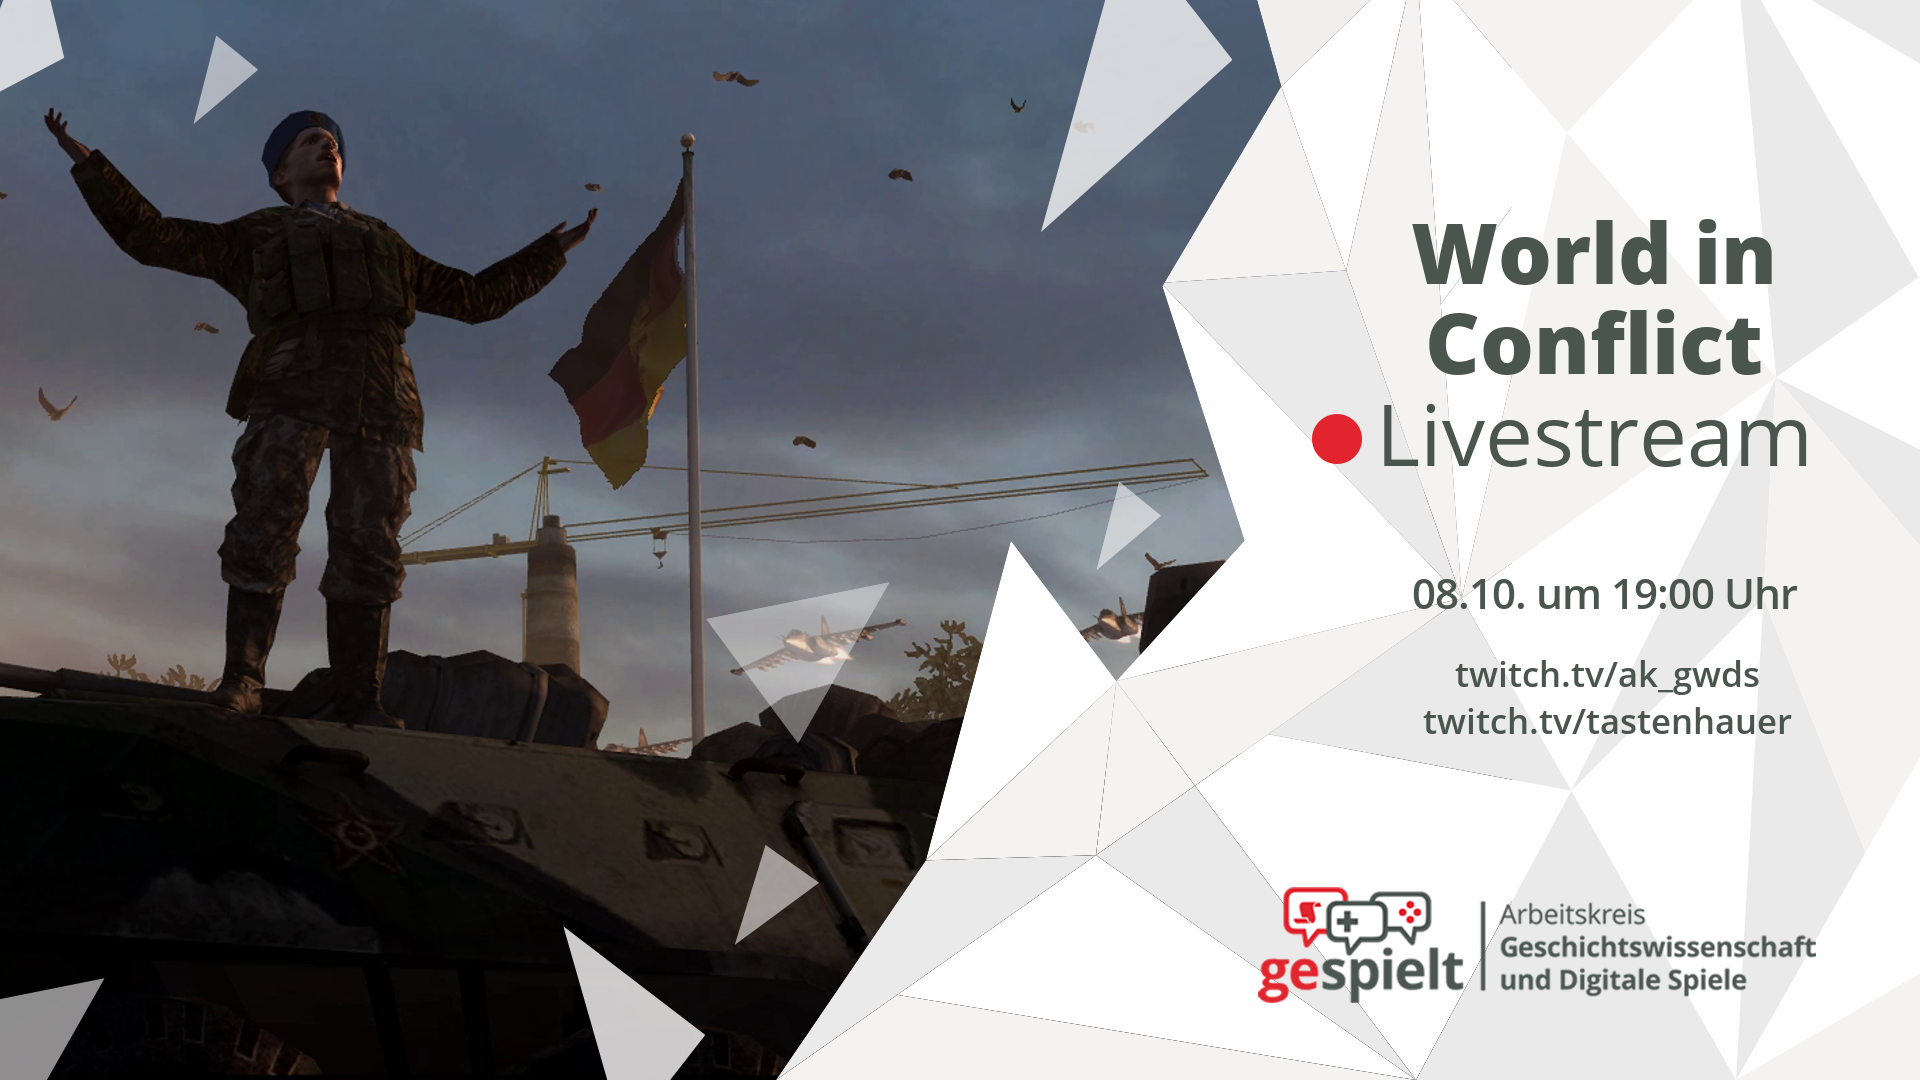 Das Stream-Thumbnail zu World in Conflict. Livestream am 8.10. um 19:00 Uhr. Auf: twitch.tv/ak_gwds und twitch.tv/tastenhauer